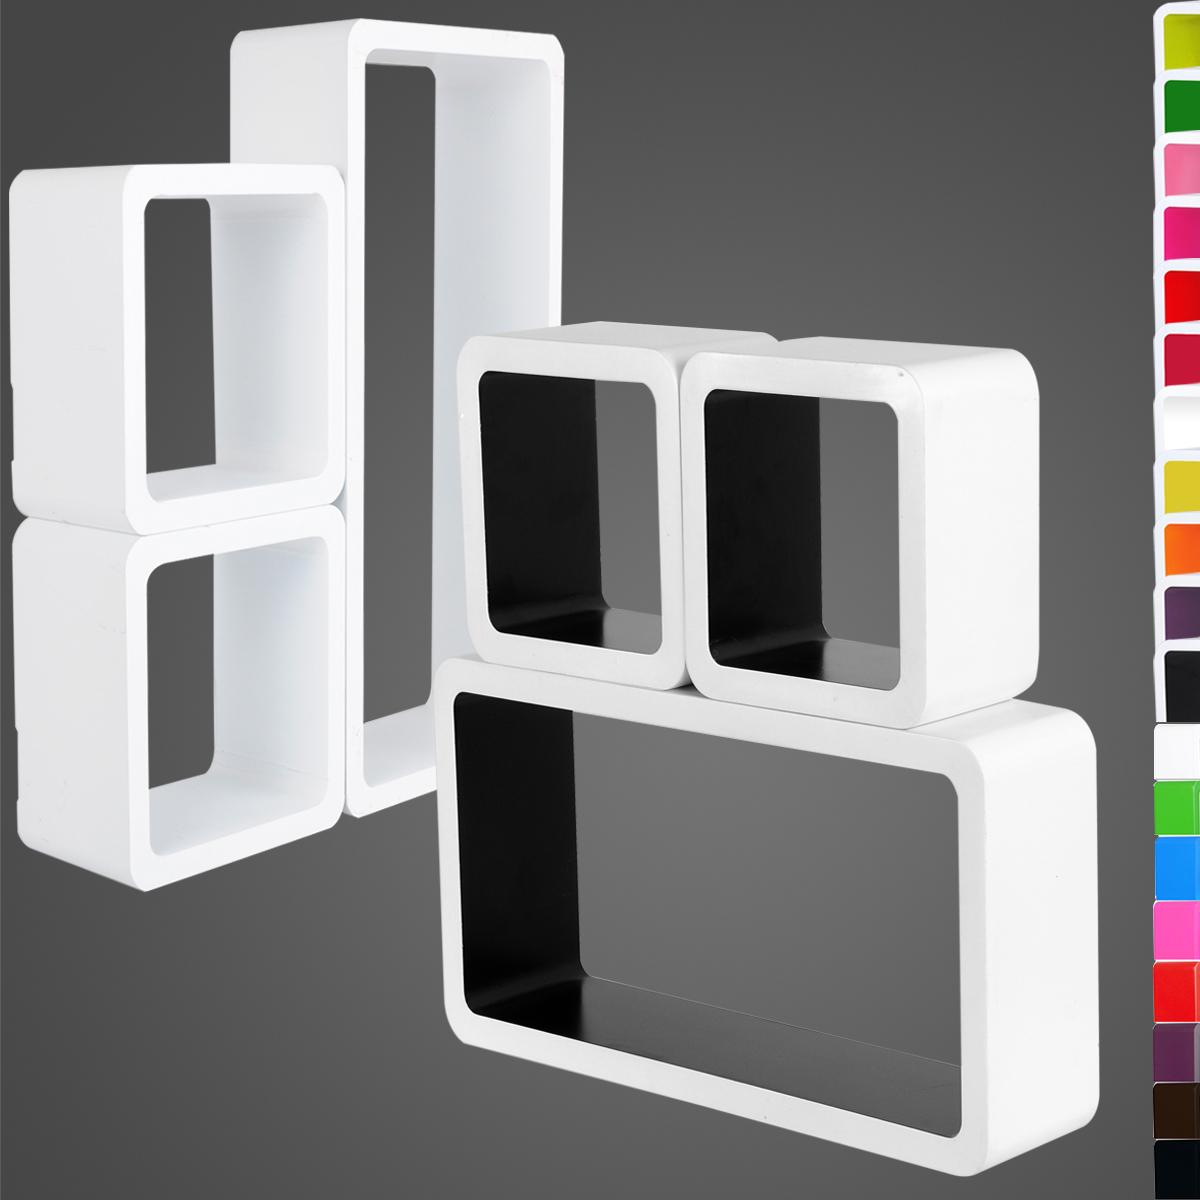 3 x set floating wall shelf floating shelves storage. Black Bedroom Furniture Sets. Home Design Ideas